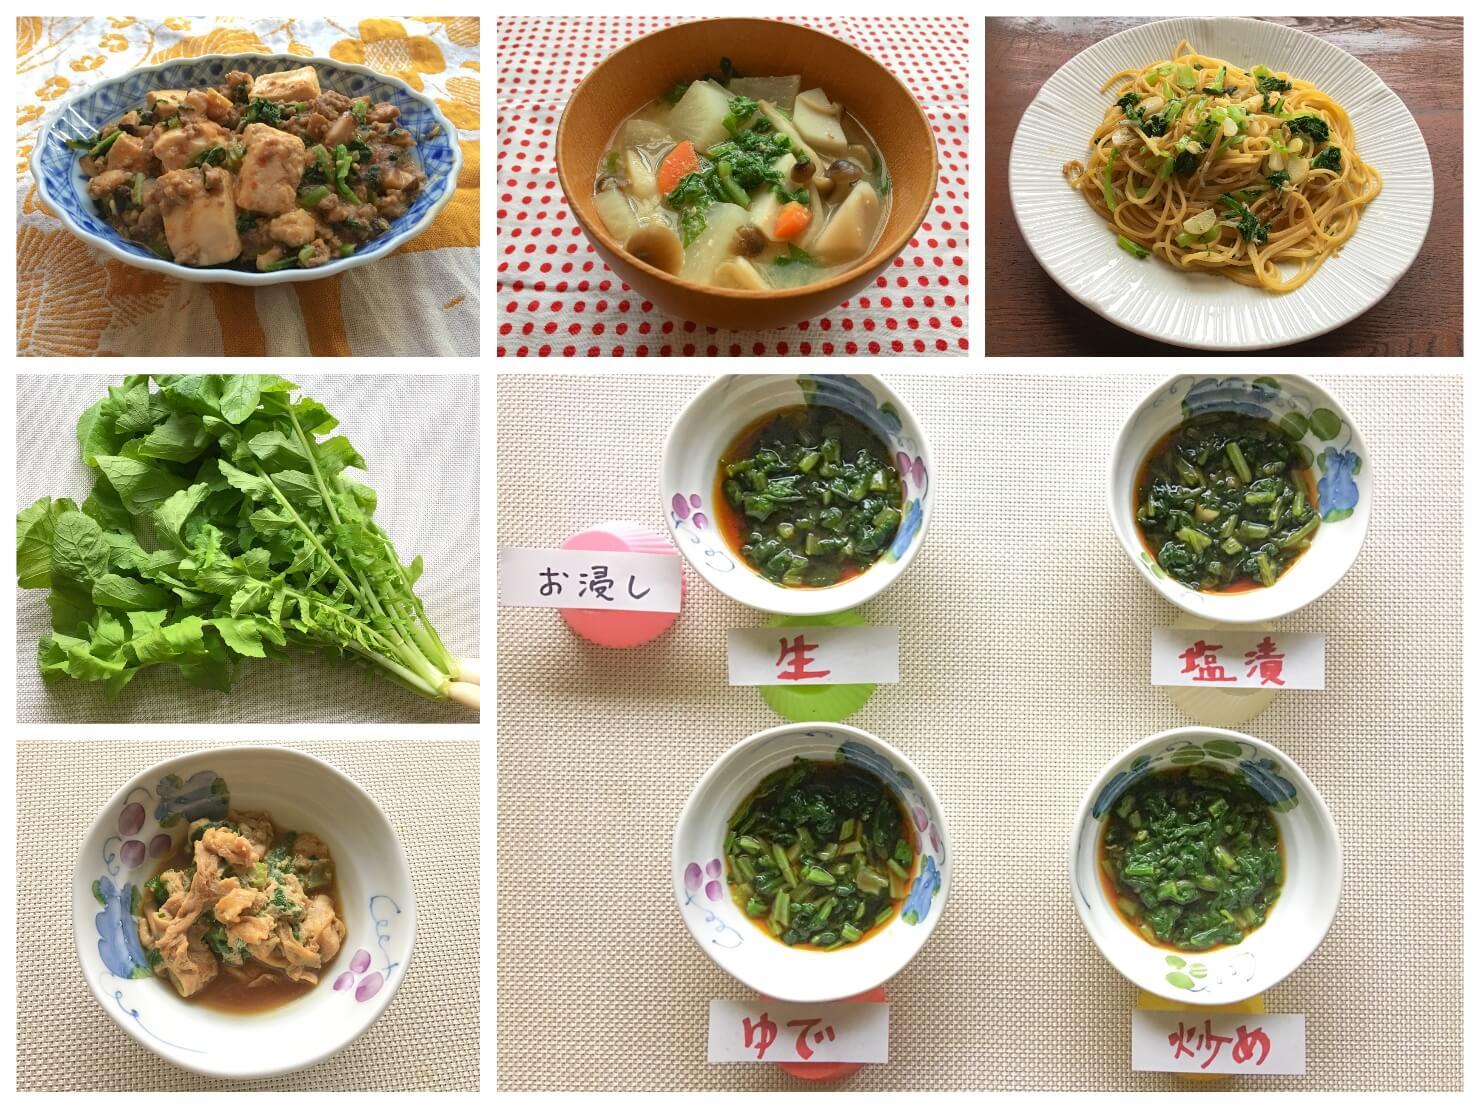 大根葉や大根葉料理の写真